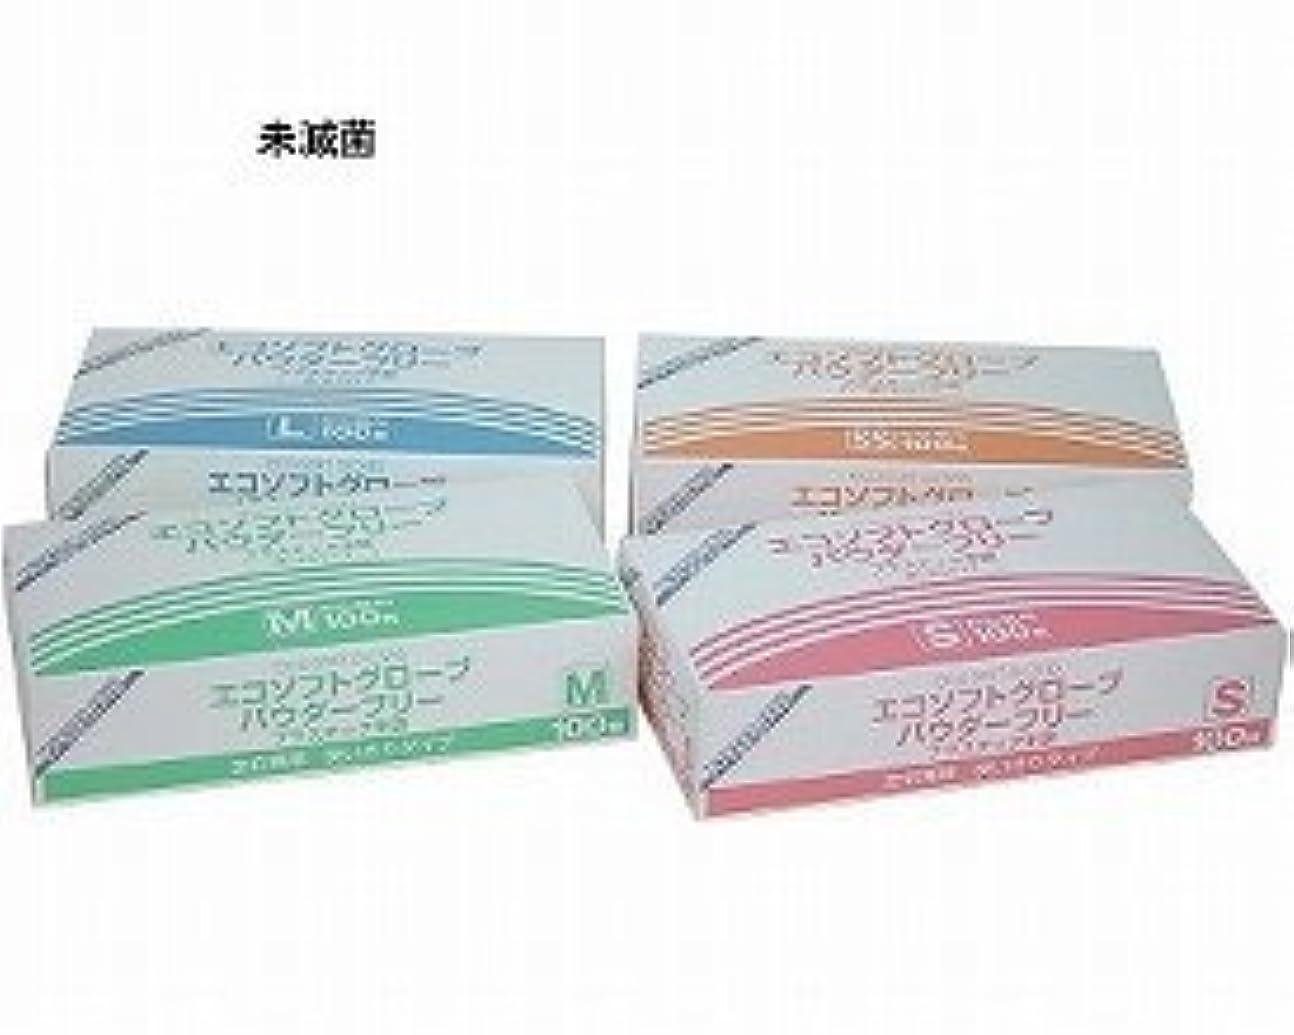 無実限りより良いエコソフトグローブ パウダーフリー OM-370 100枚×20箱 (S)